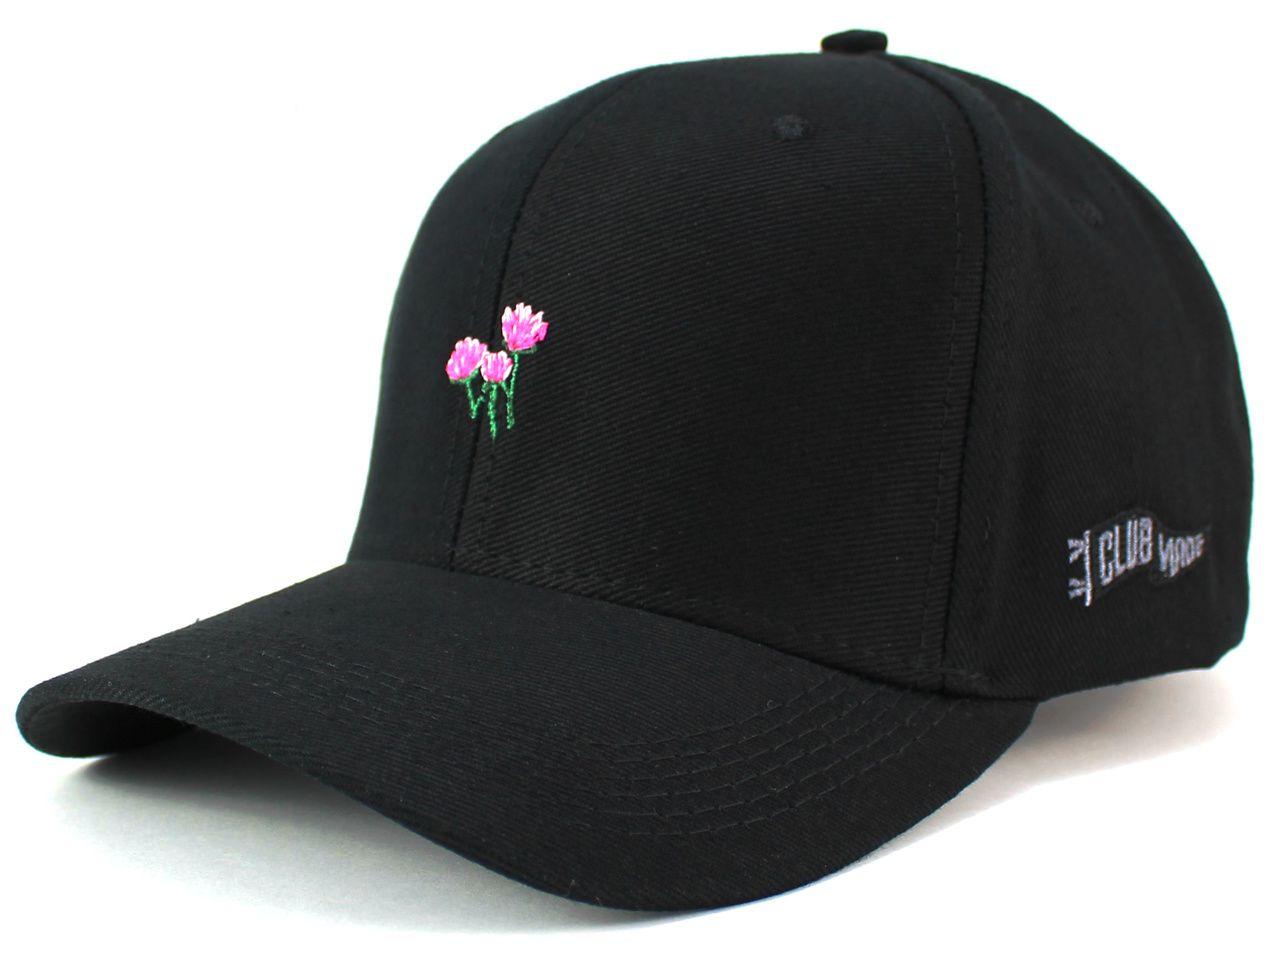 6450138a7c Boné Preto Mini Flores Aba Curva Masculino Feminino - Regulagem por Fita e  Fivela